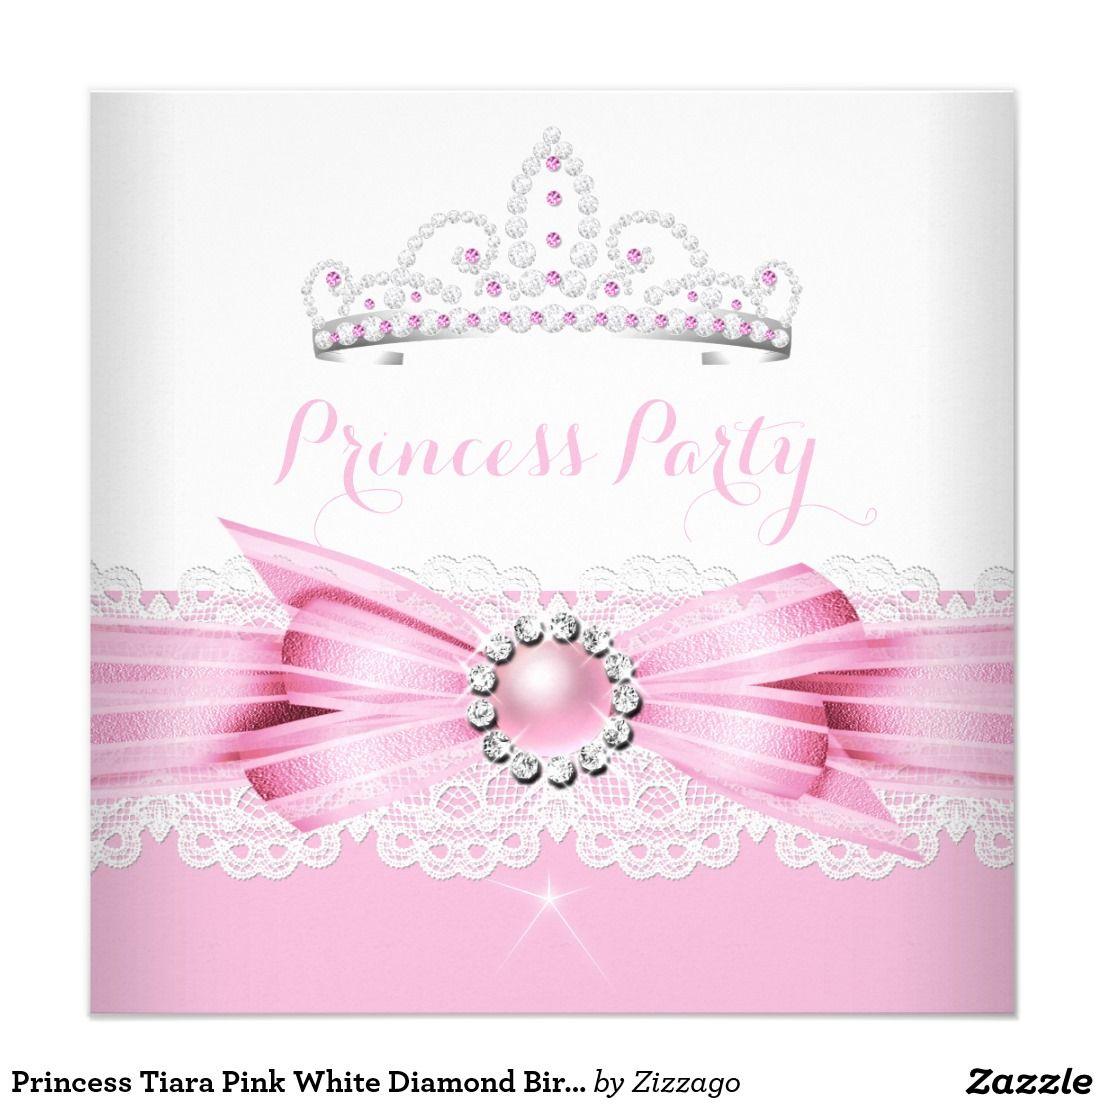 Princess Tiara Pink White Diamond Birthday Party Card   Princess ...